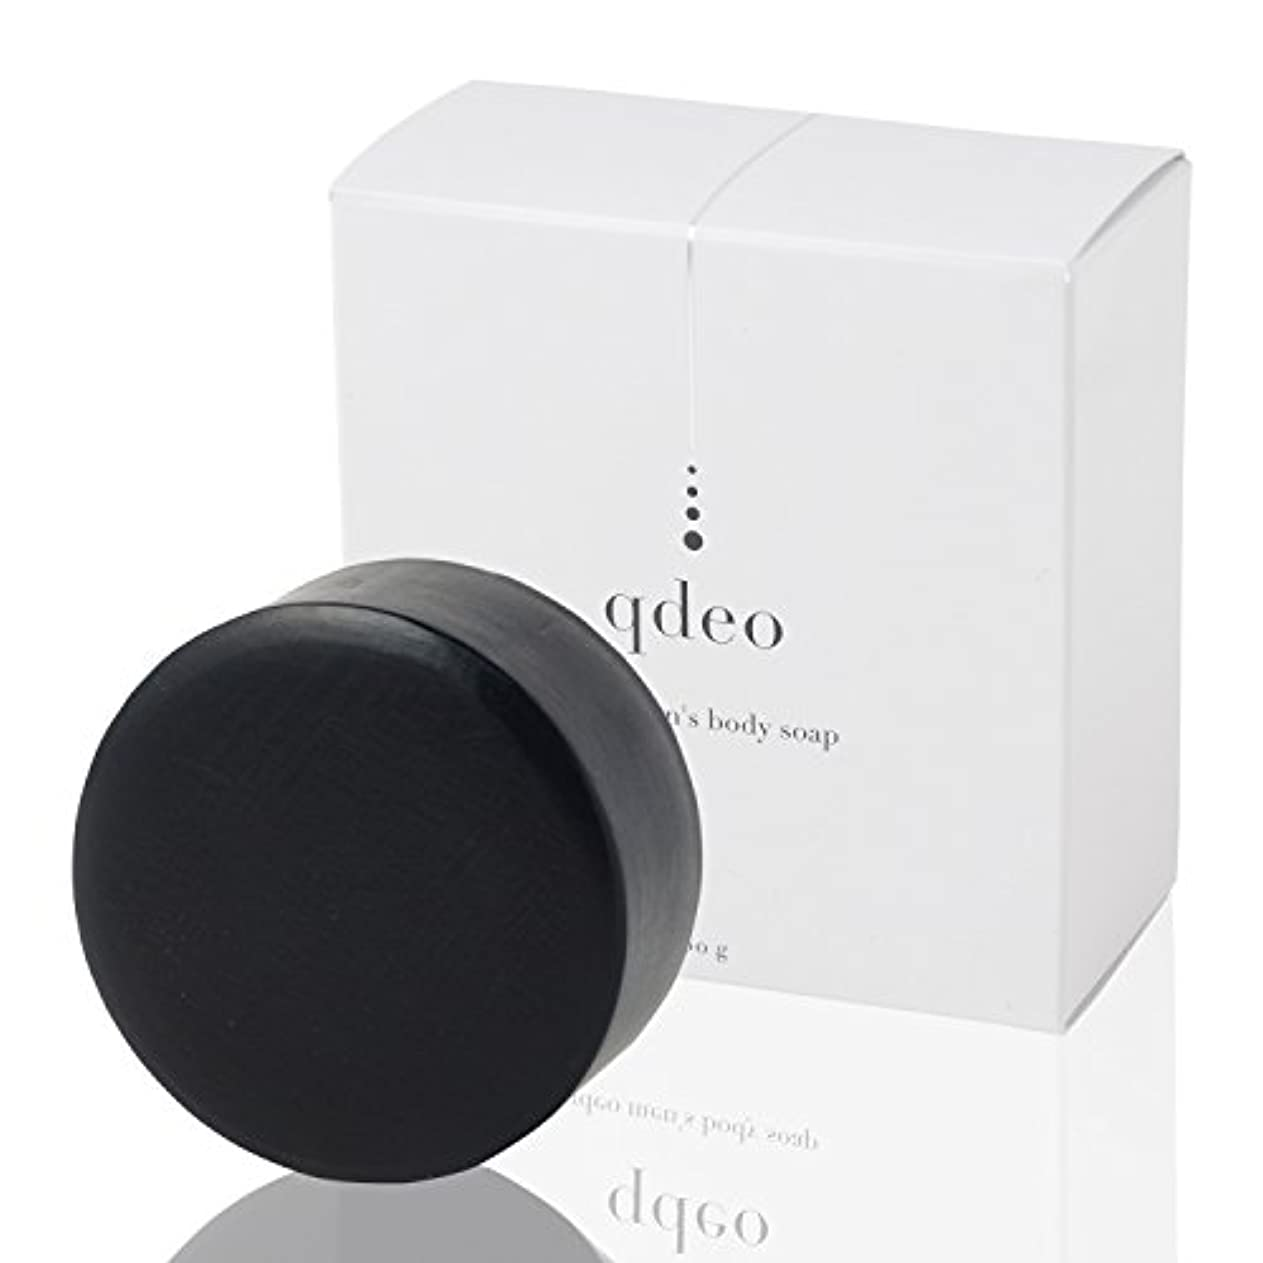 比率漂流区クデオ メンズ ボディソープ 100g 石鹸 固形 体臭 ワキガ 足の臭い 加齢臭 デリケートゾーン